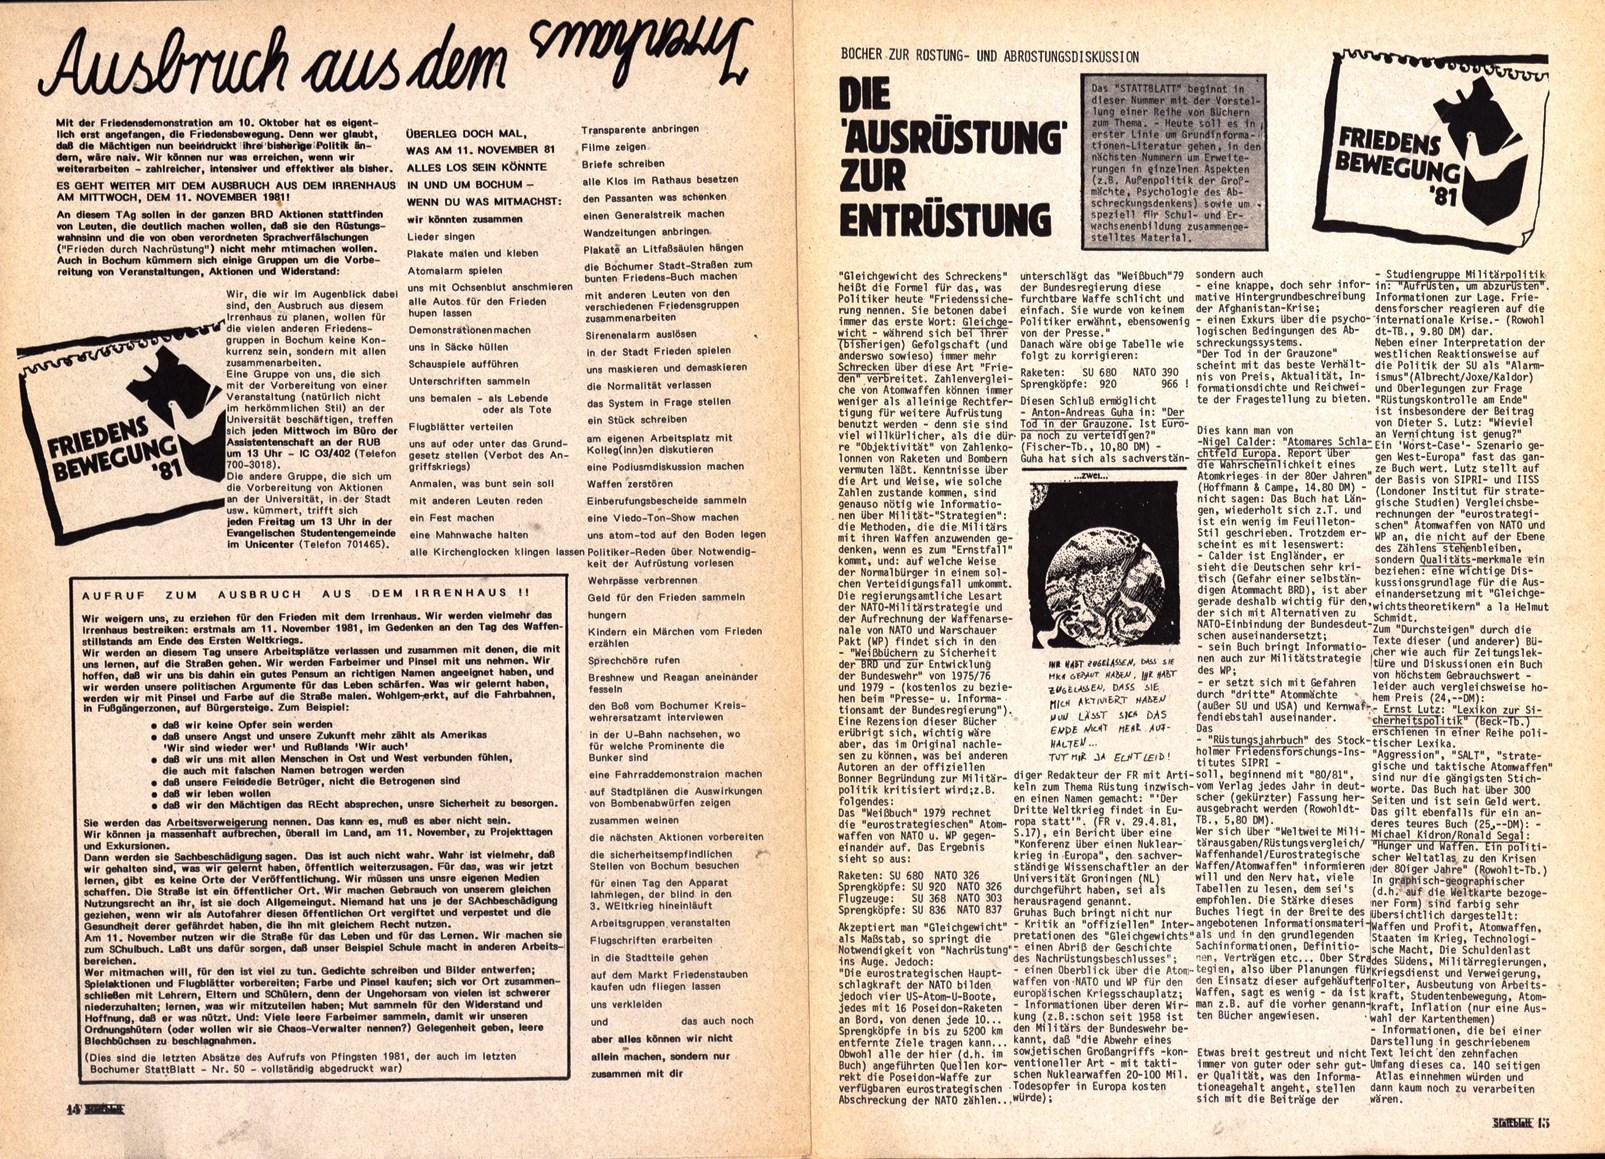 Bochum_Stattblatt_19811000_51_12